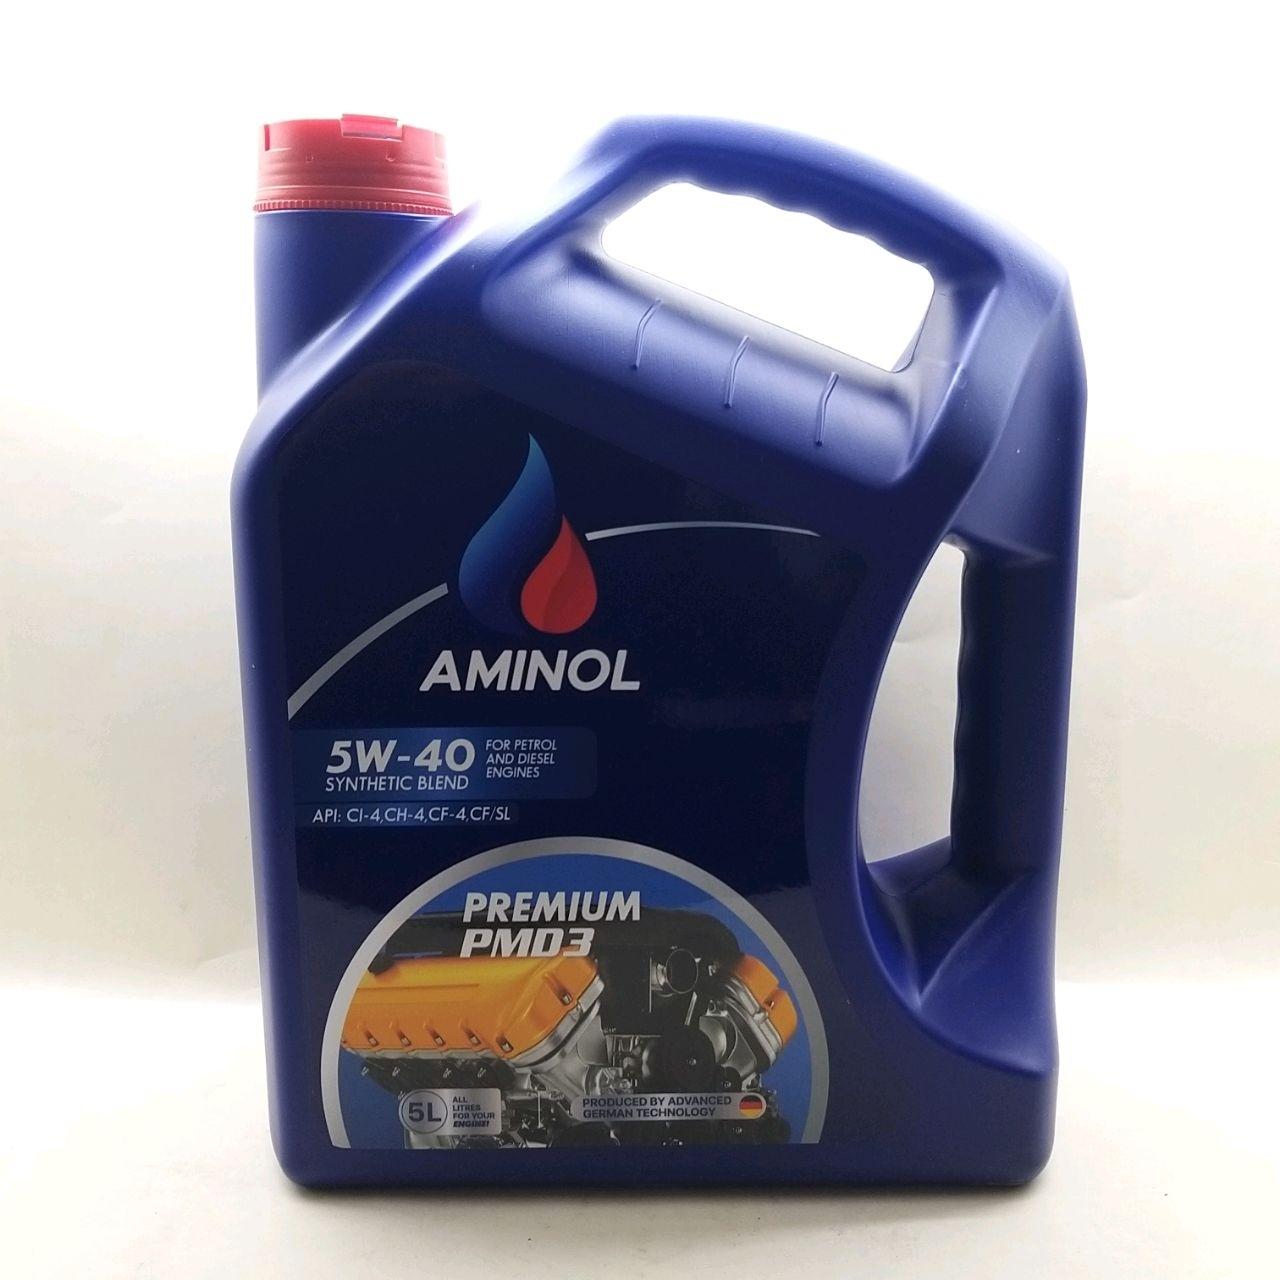 (250944)Aminol PREMIUM PMD3 5w-40 (CI-4/SL) 5L.